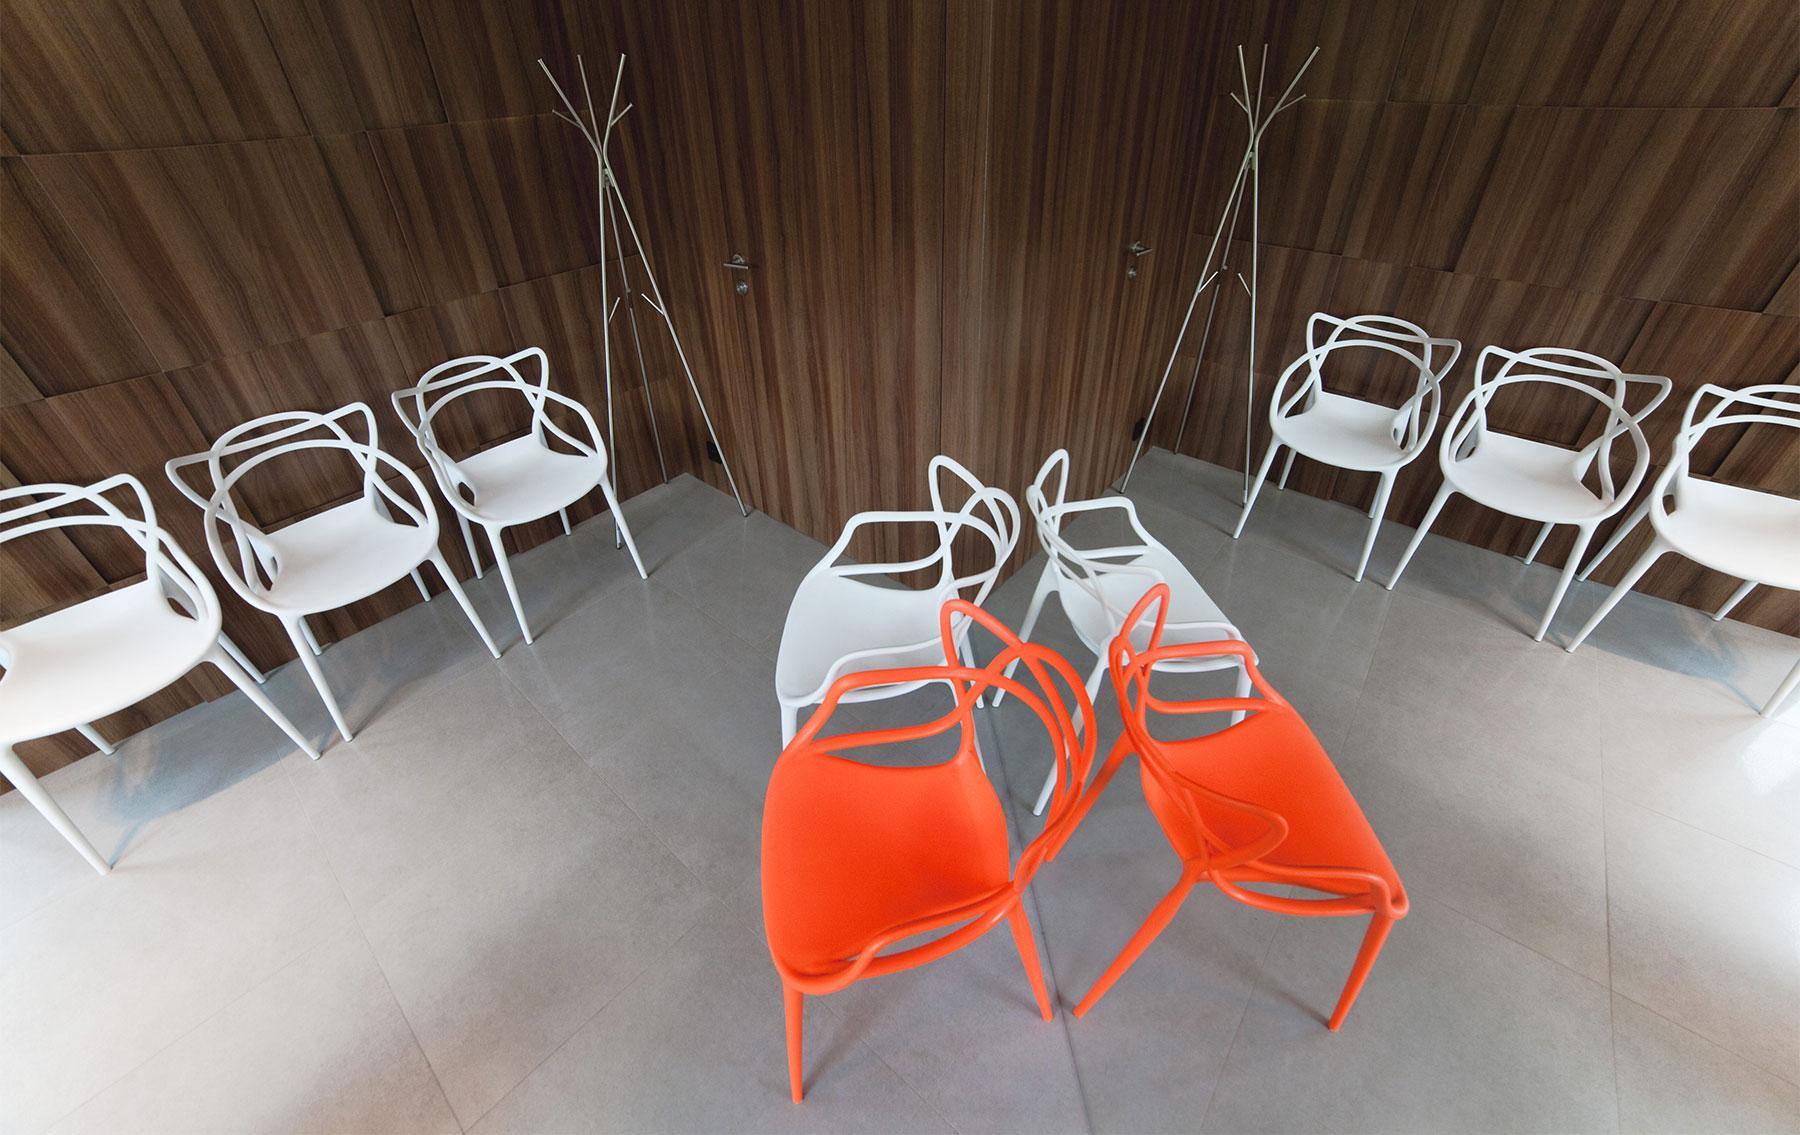 05-mono-projektowanie-wnetrz-katowice-krakow-tychy-mikolow-projekt-gabinetu-lekarskiego.jpg